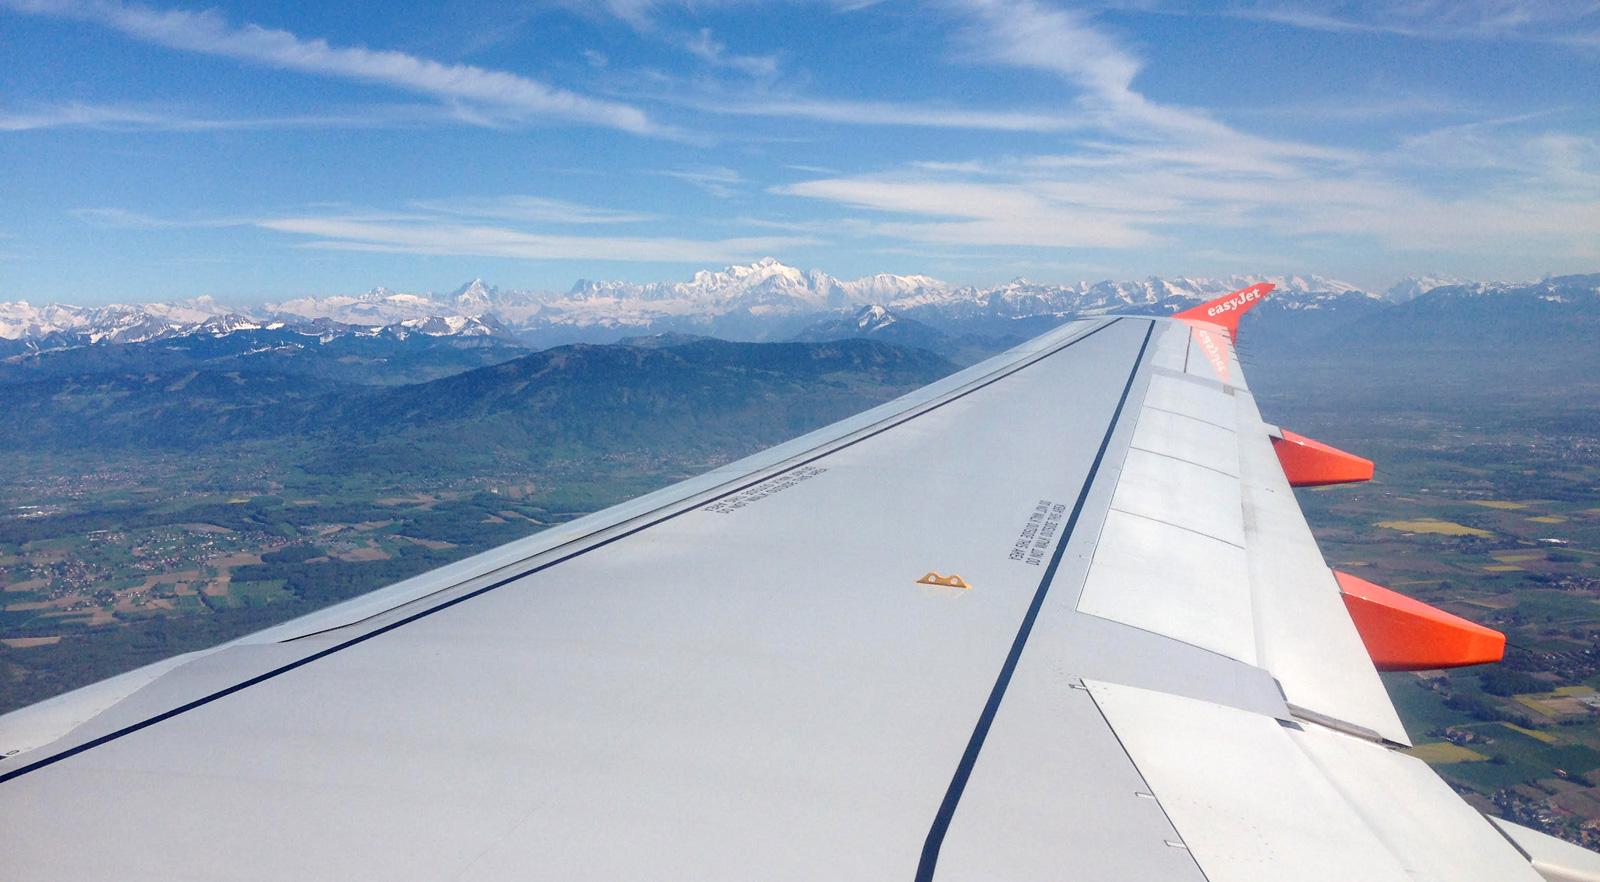 vue aerienne mont blanc